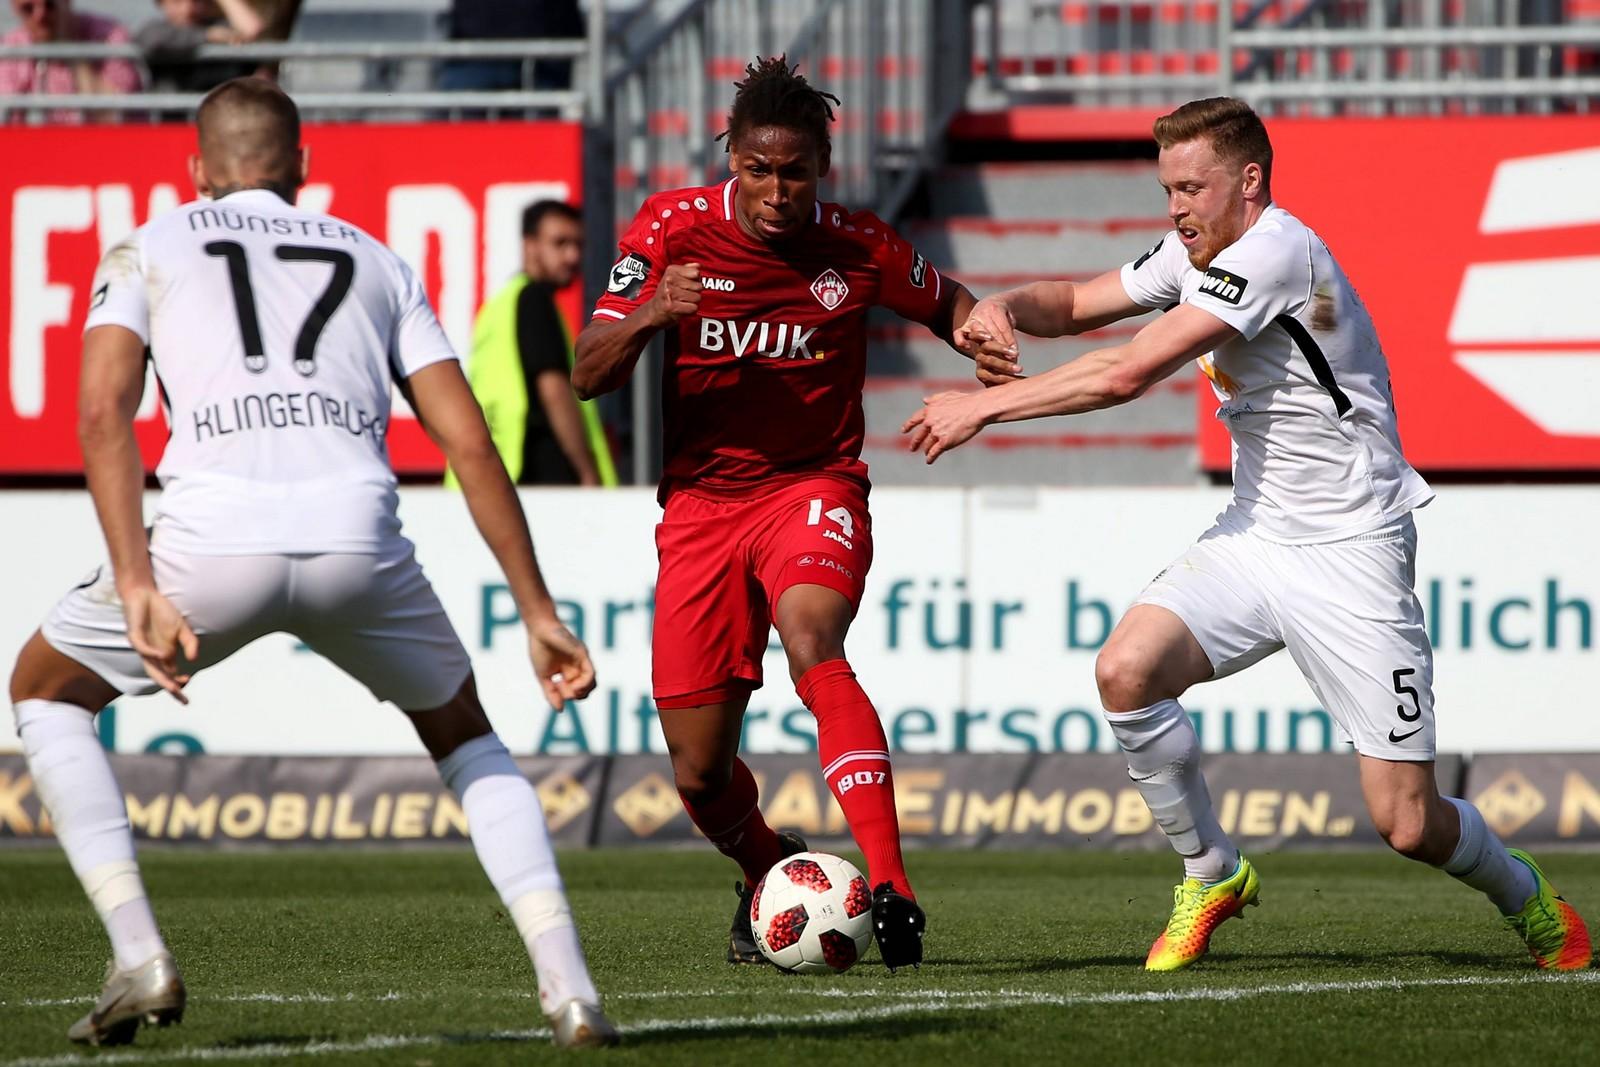 Caniggia Elva von den Würzburger Kickers im Spiel gegen Preußen Münster